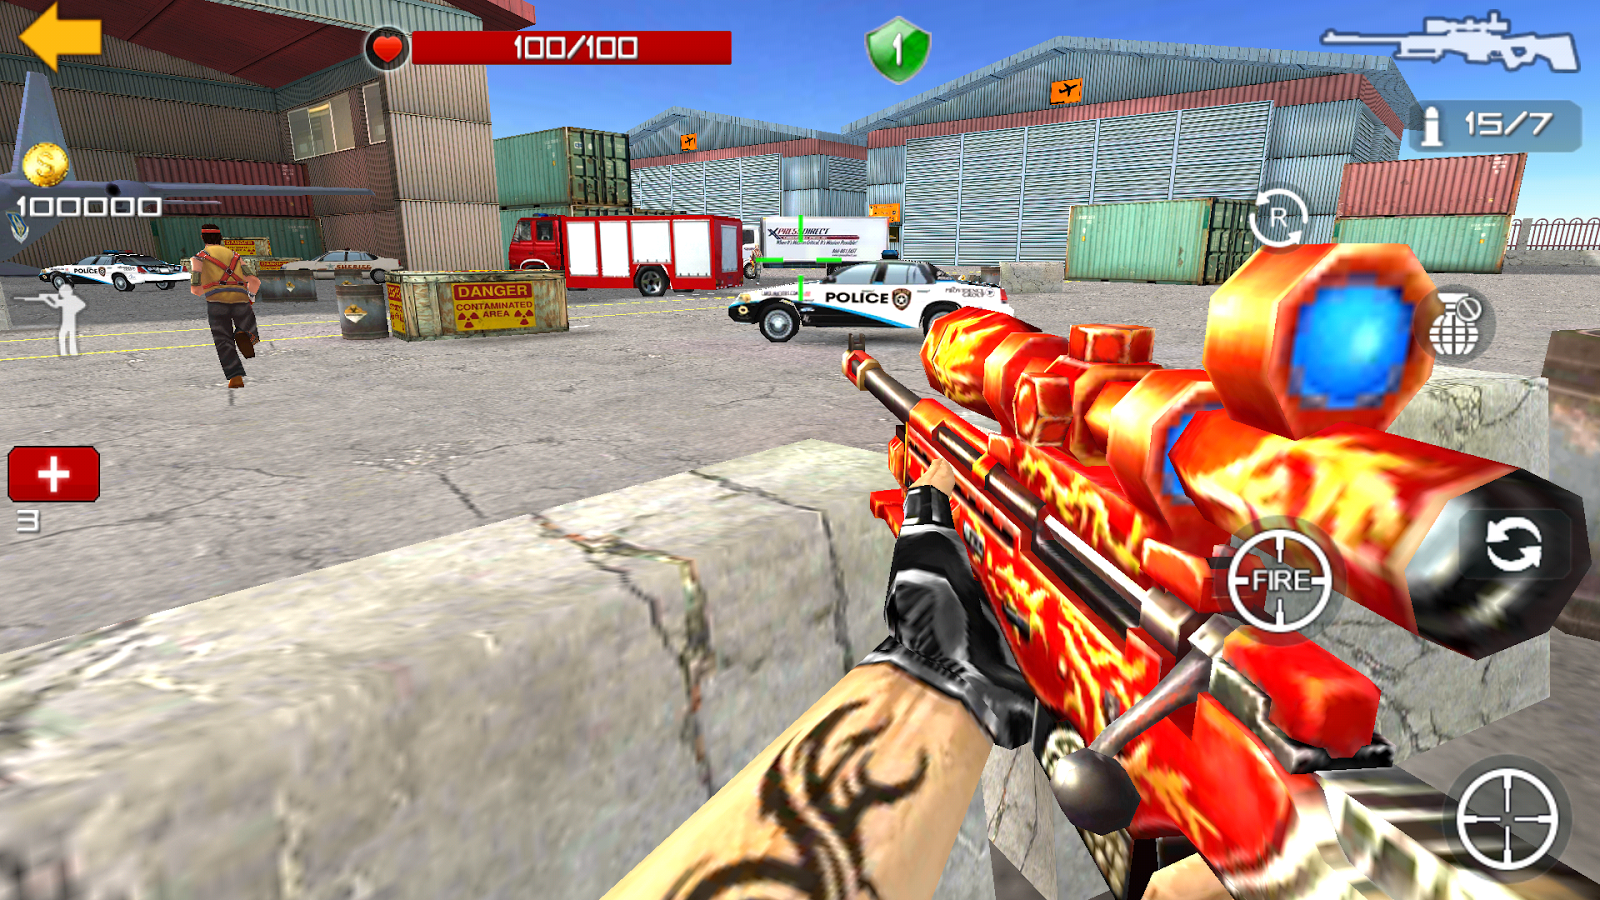 Sniper killer 3d for android apk download.